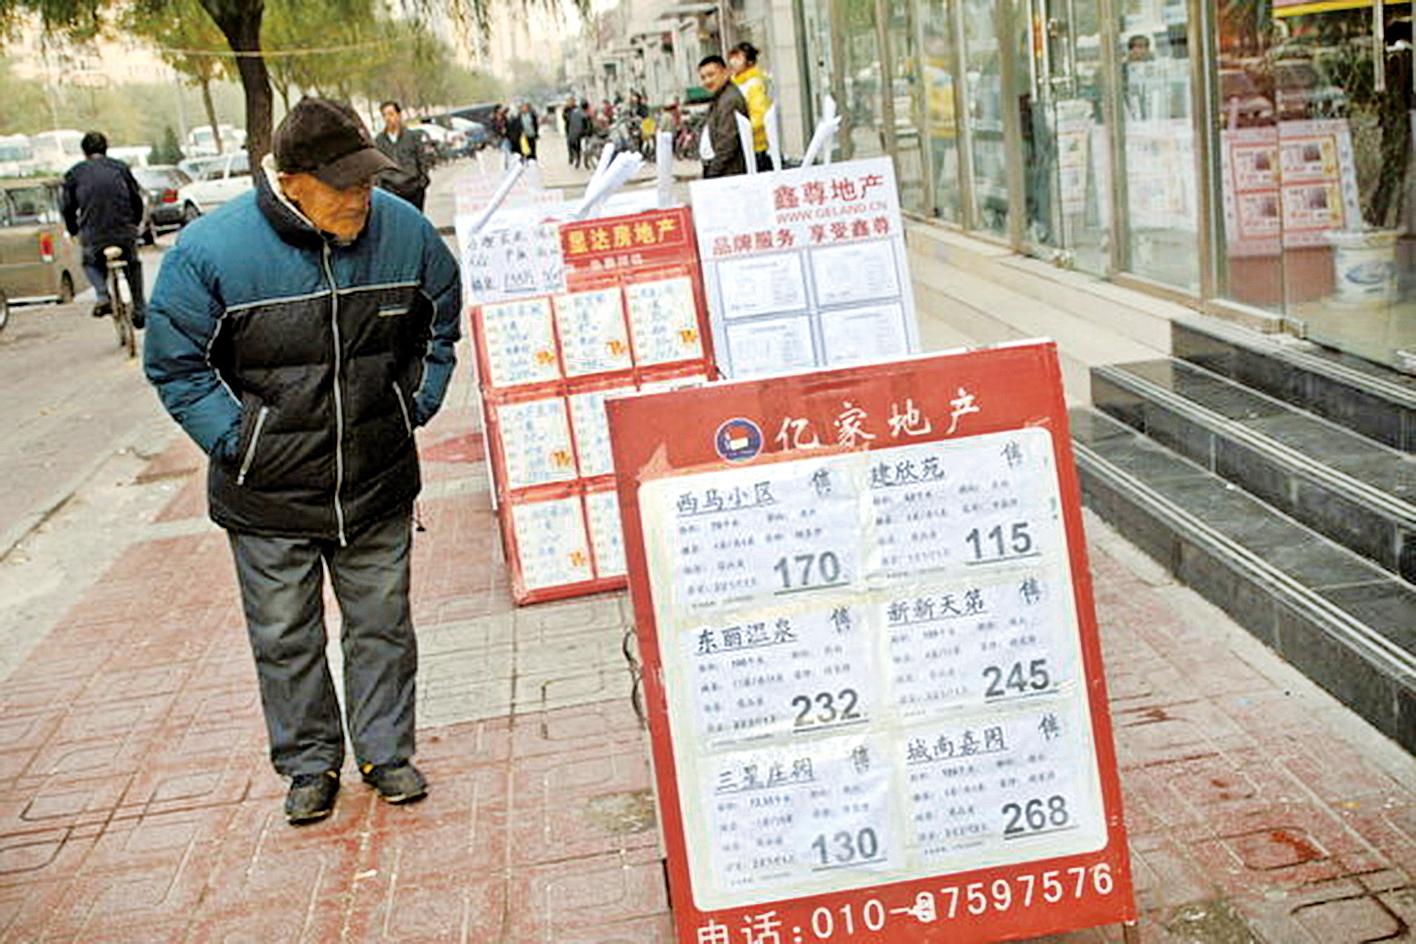 中國房地產真的到了變天的時間段。大佬、富人們正在有步驟地退出。圖為北京一市民在房產中介門口看房屋價格牌。(GOU YIGE/AFP/Getty Images)